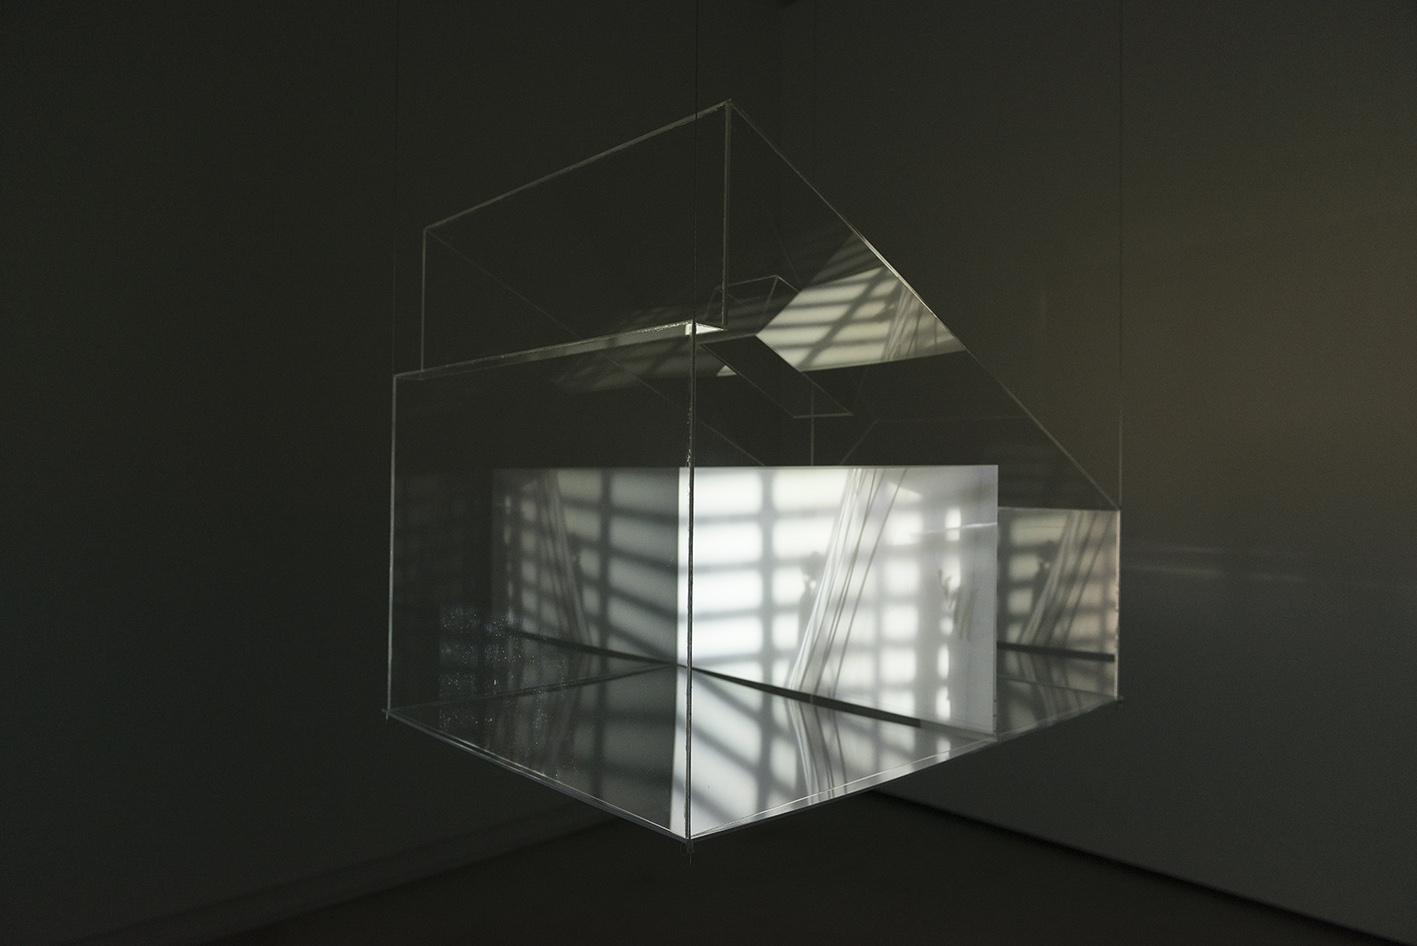 Habitat (2016) - Zaloa Ipiña Bidaurrazaga